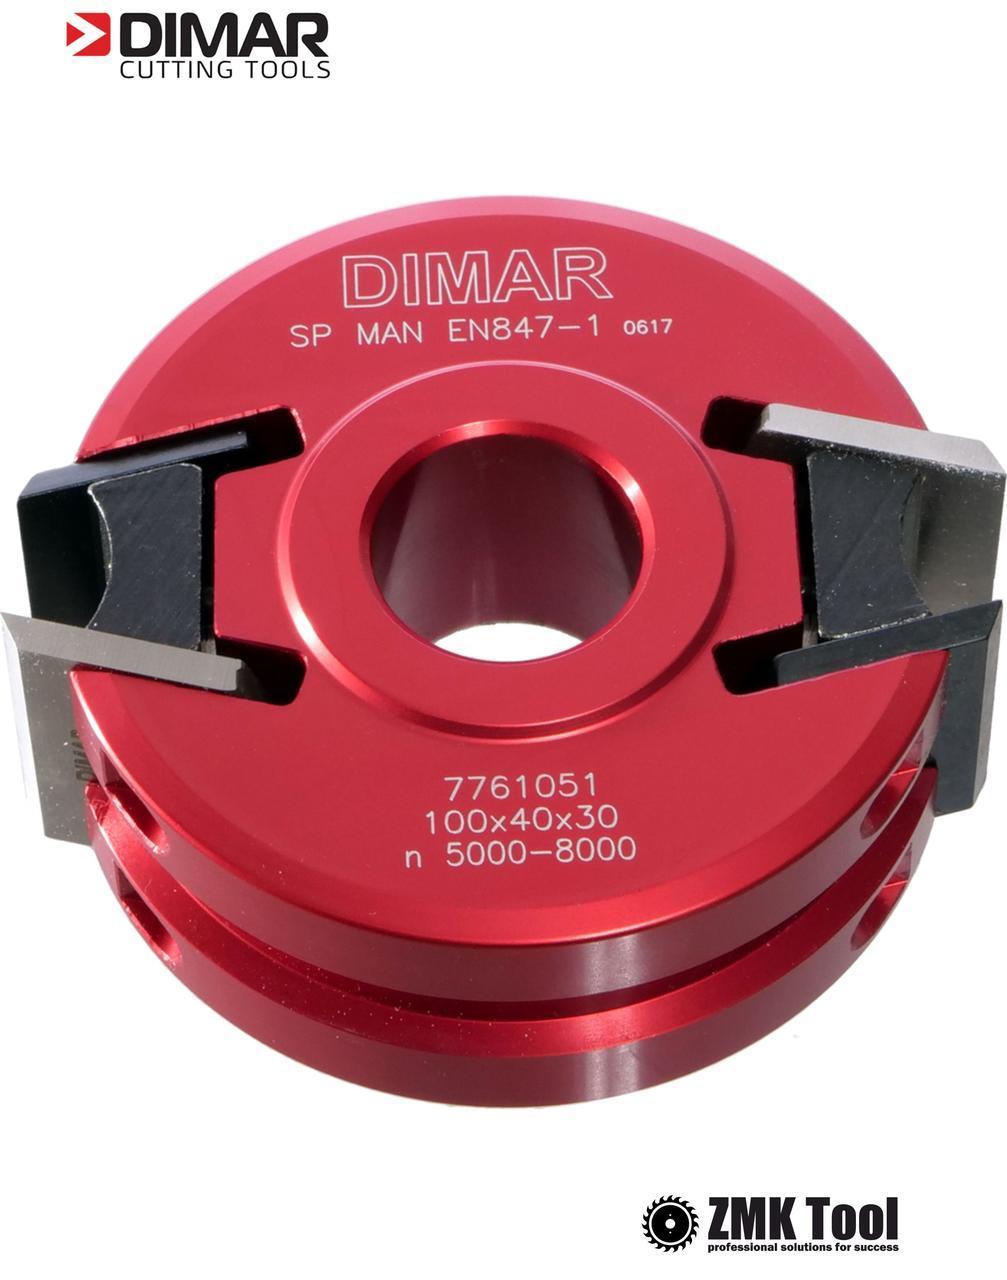 Фреза насадная DIMAR мультипрофильная D=100 d=30 B=40 Z2. алюминиевый корпус